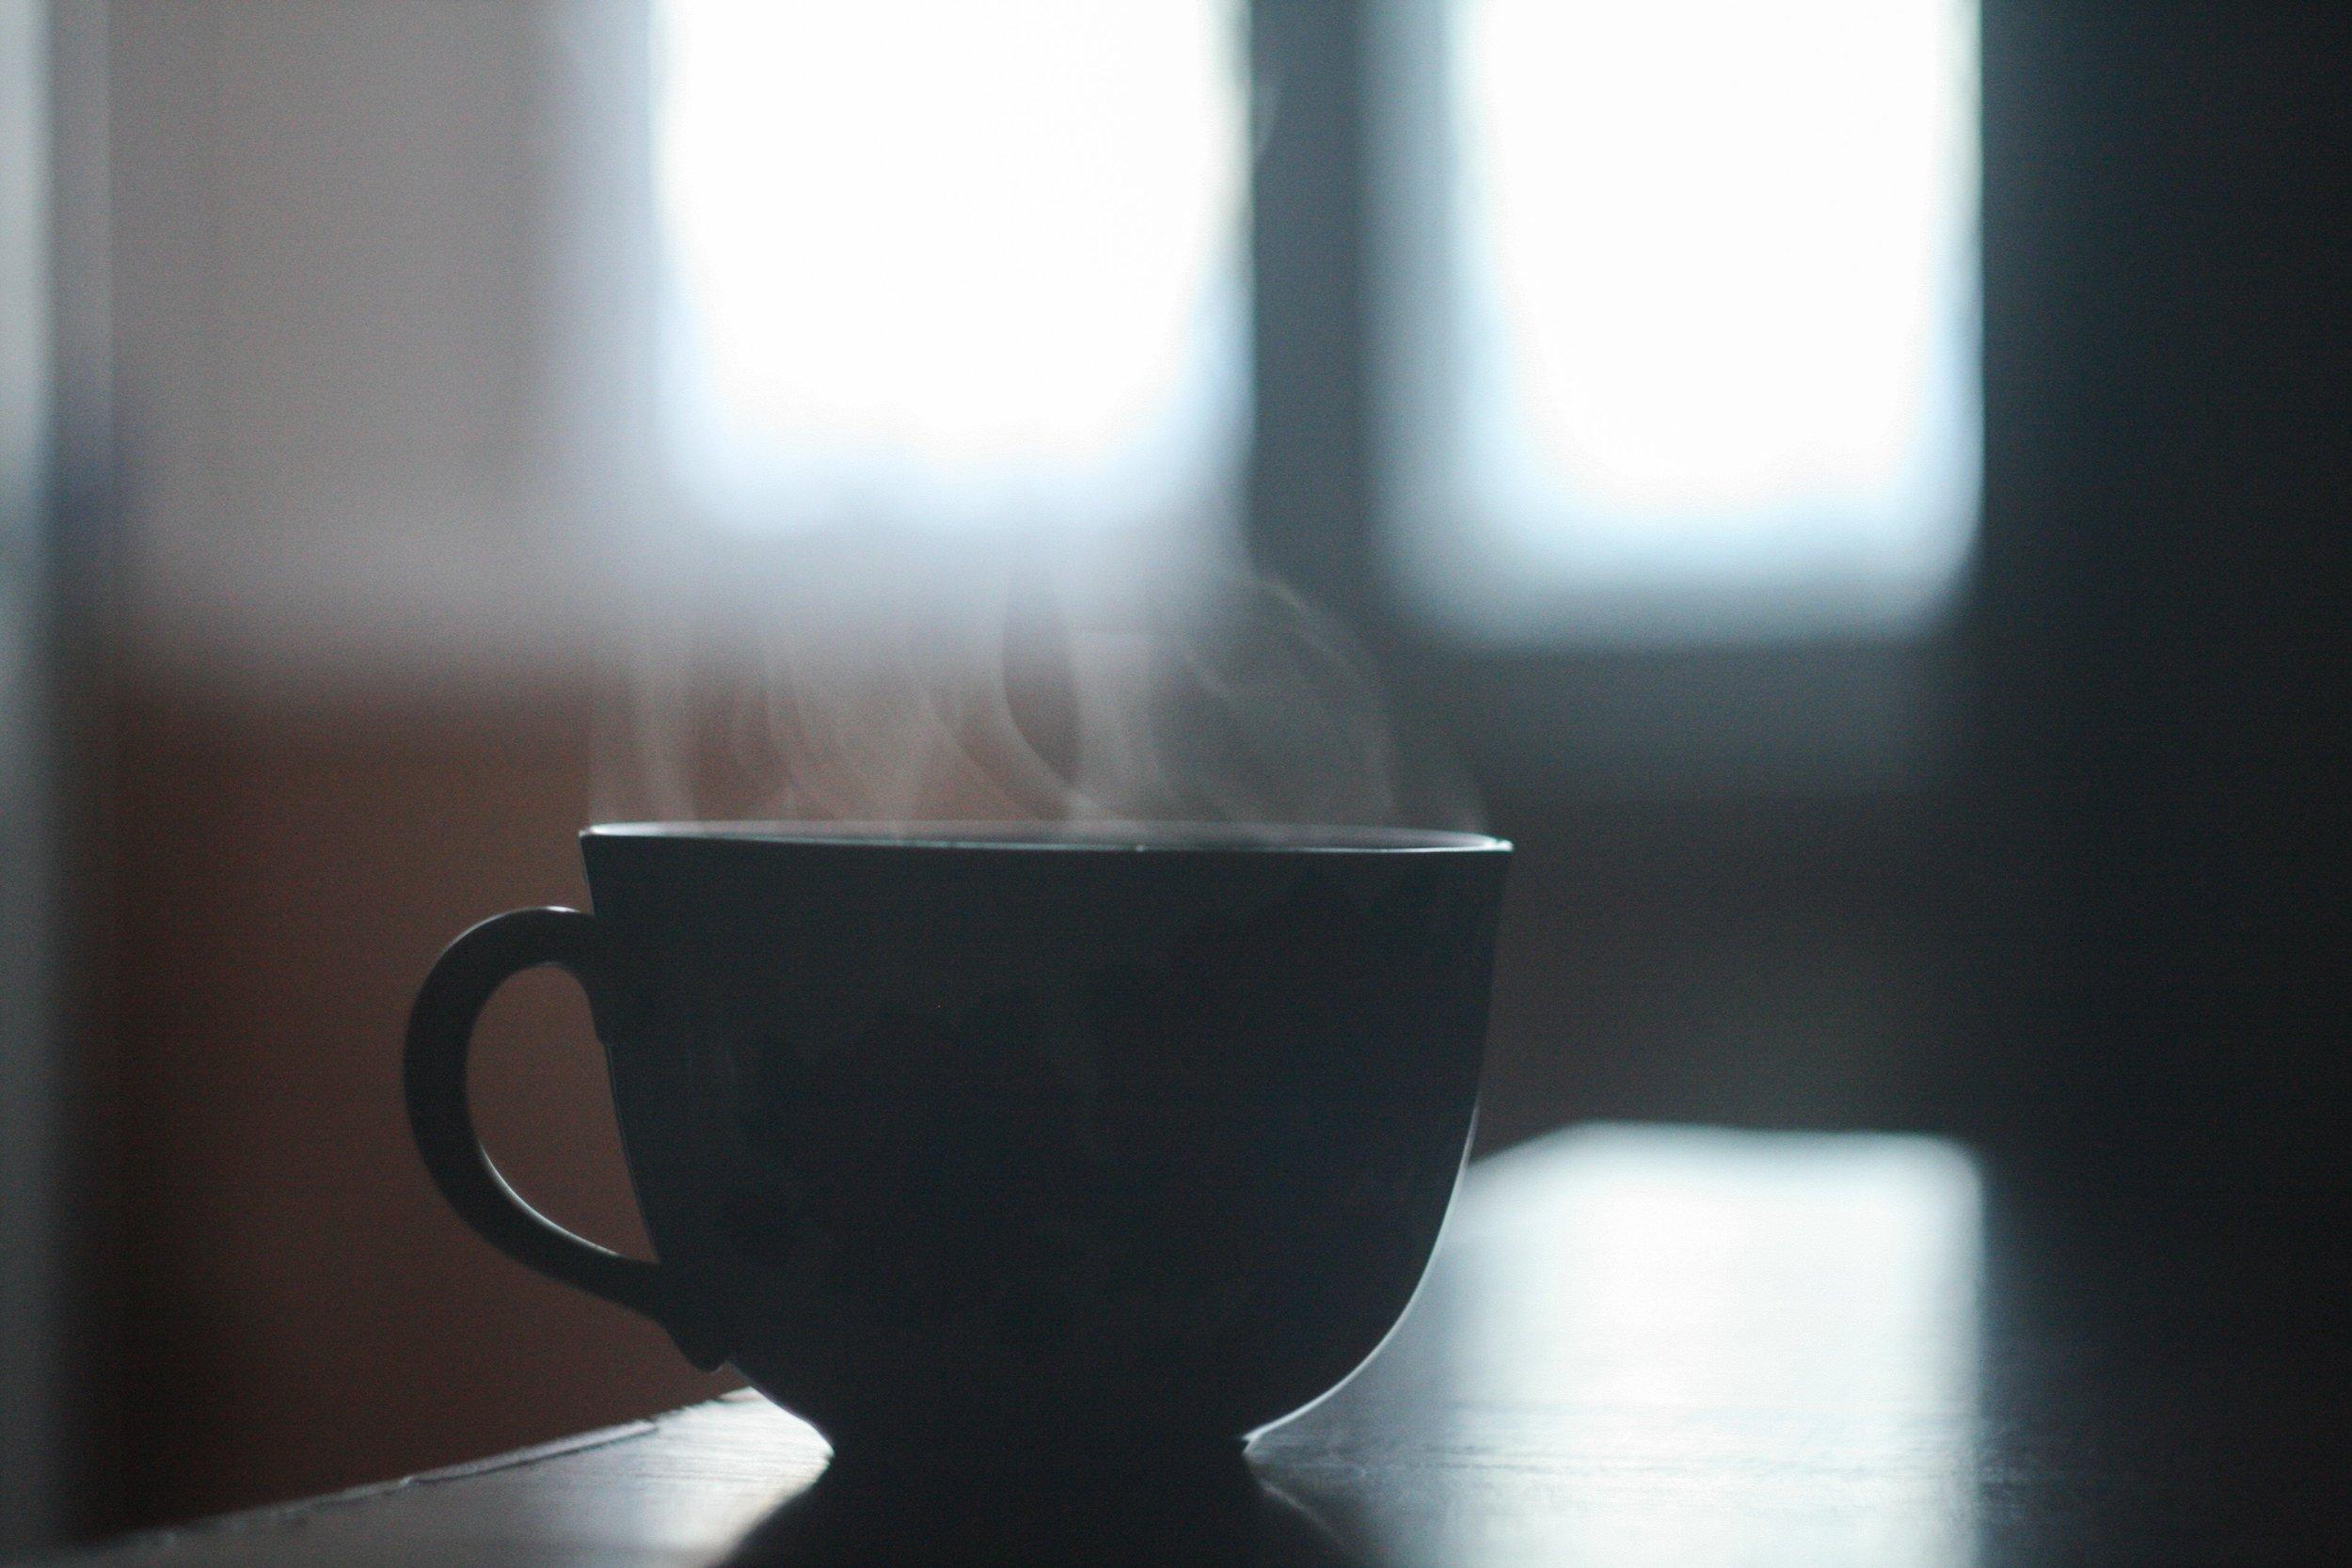 coffee-cup-drink-41135.jpg